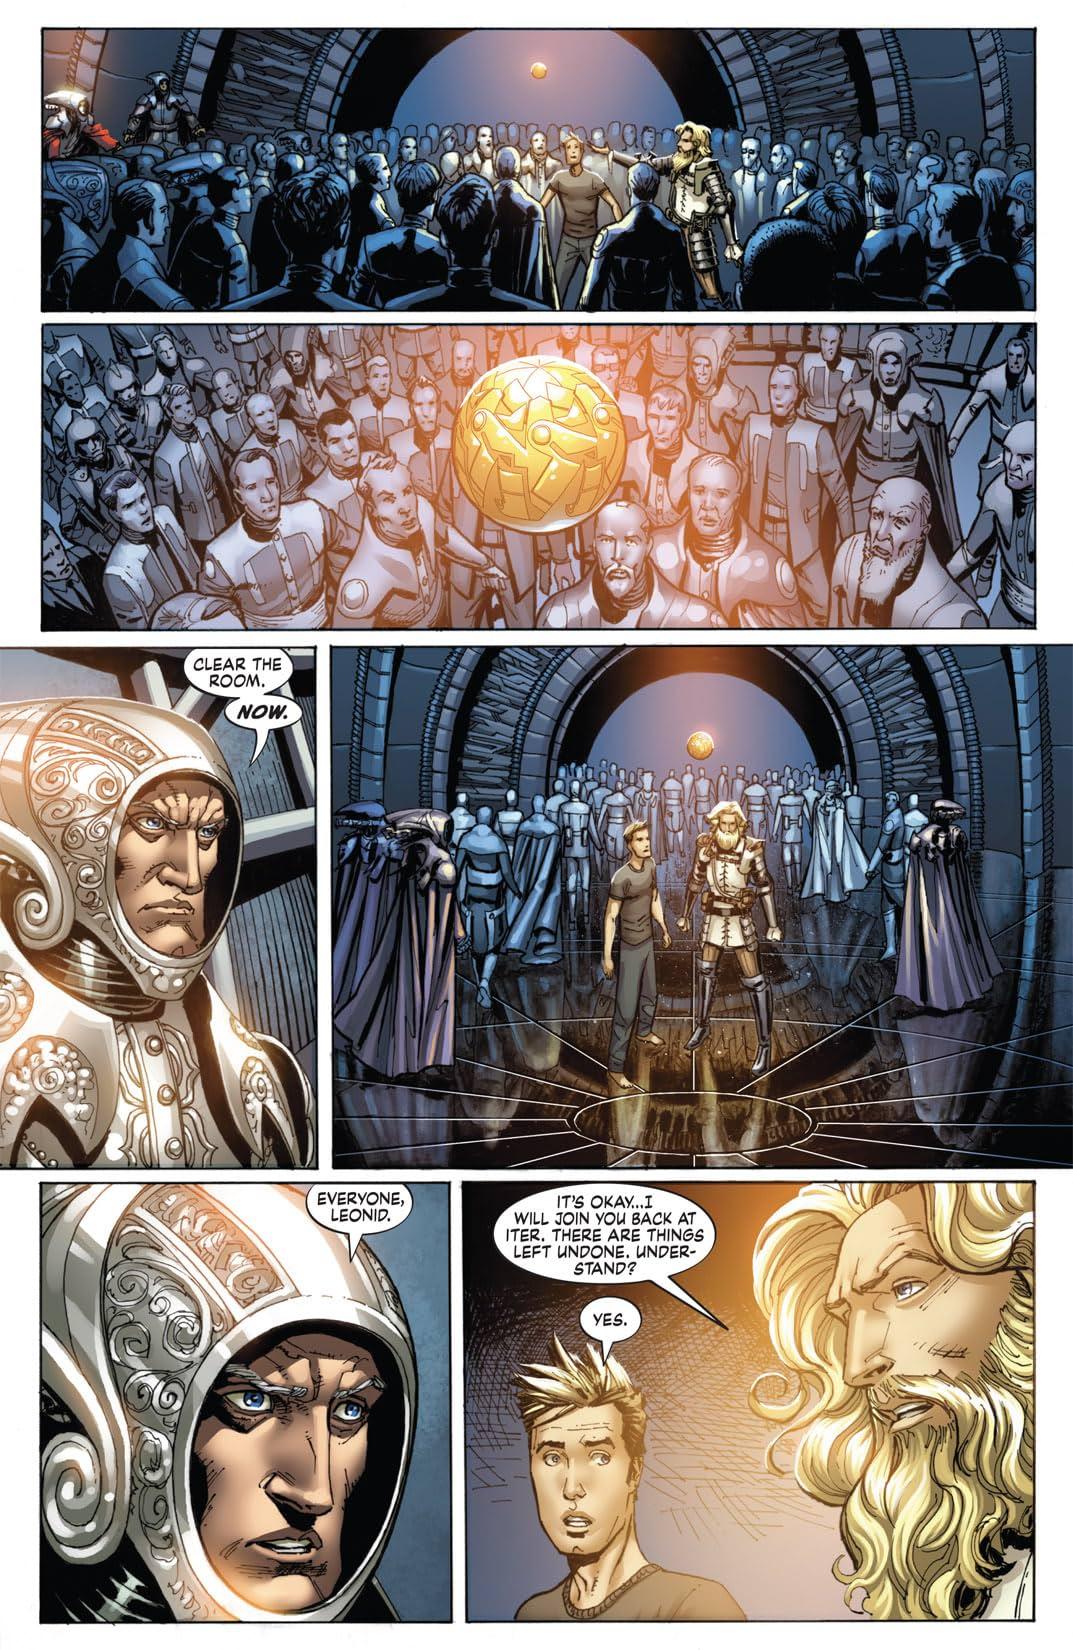 S.H.I.E.L.D. #4